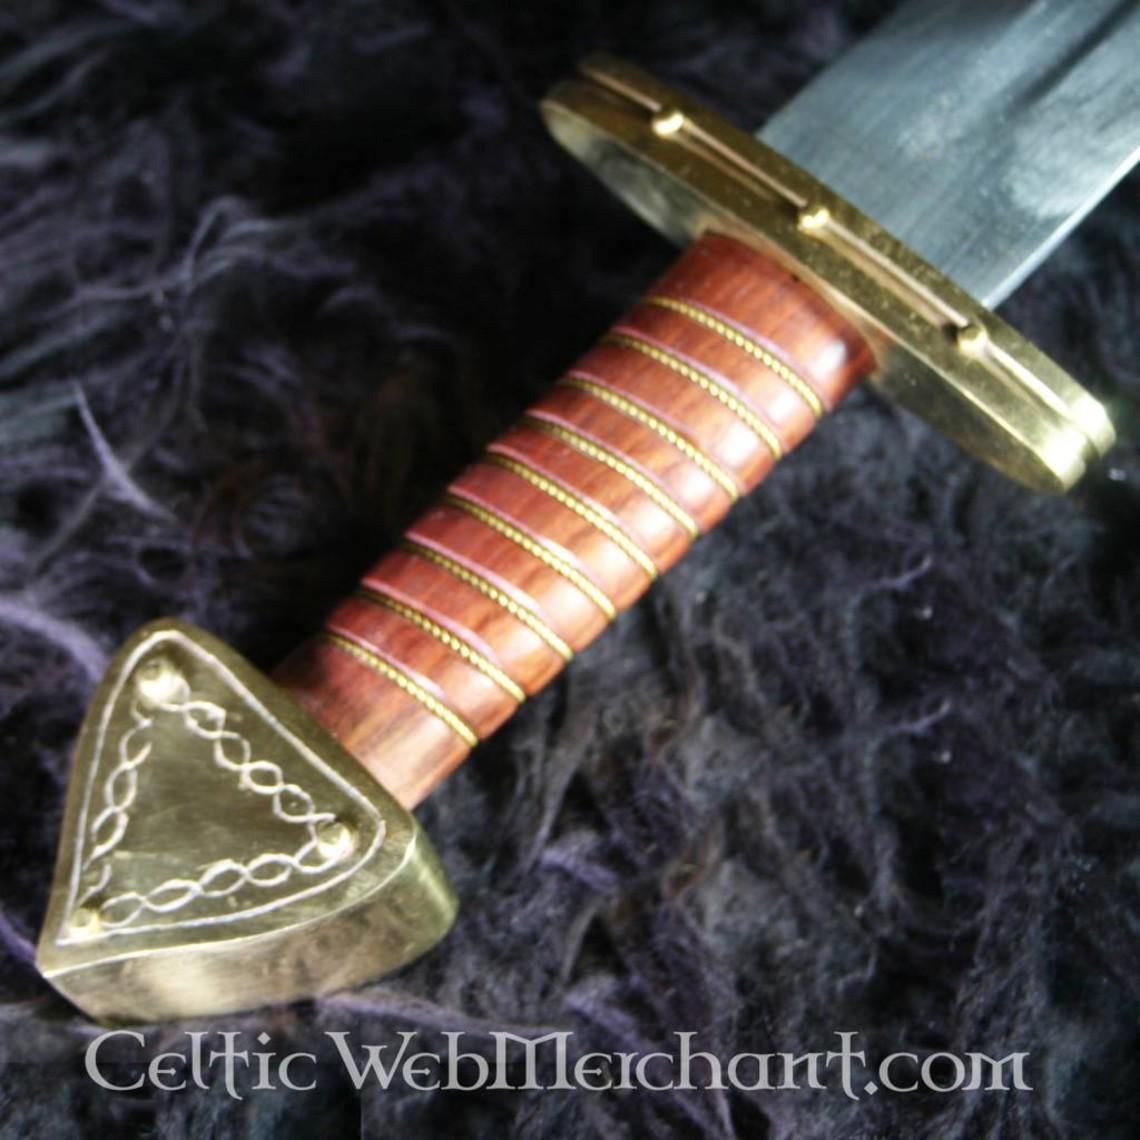 Deepeeka Viking Dolch